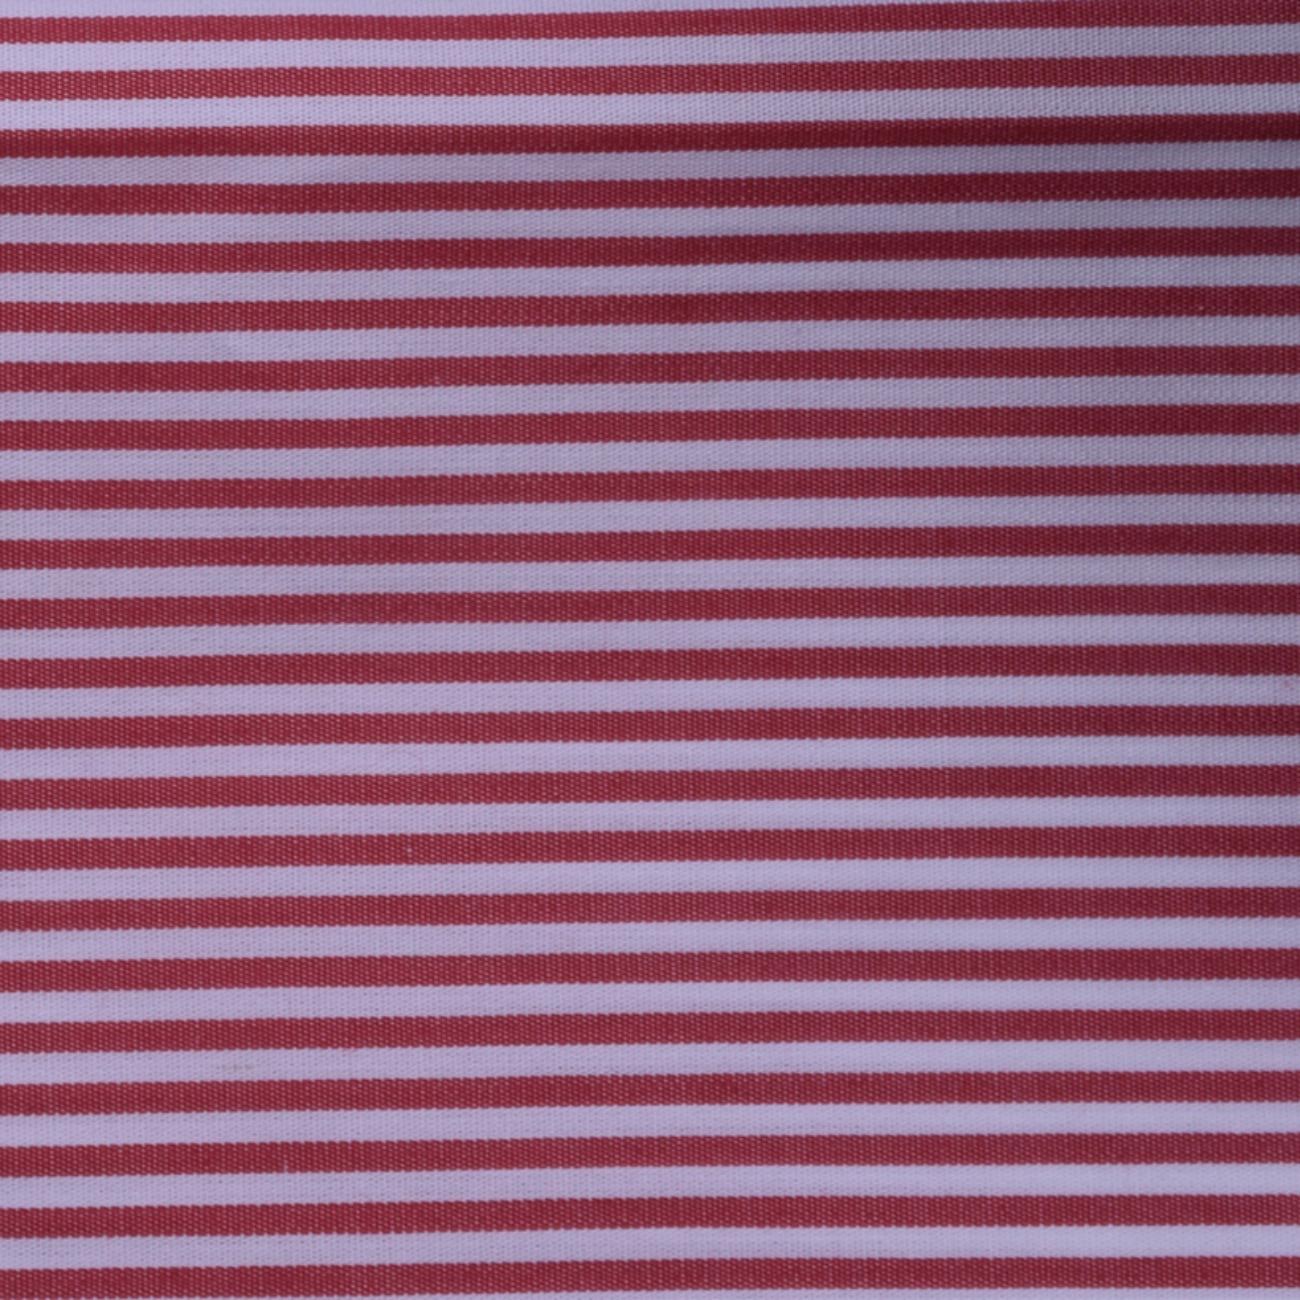 现货斜纹条子梭织色织低弹休闲时尚风格 衬衫连衣裙 短裙 棉感 60929-20